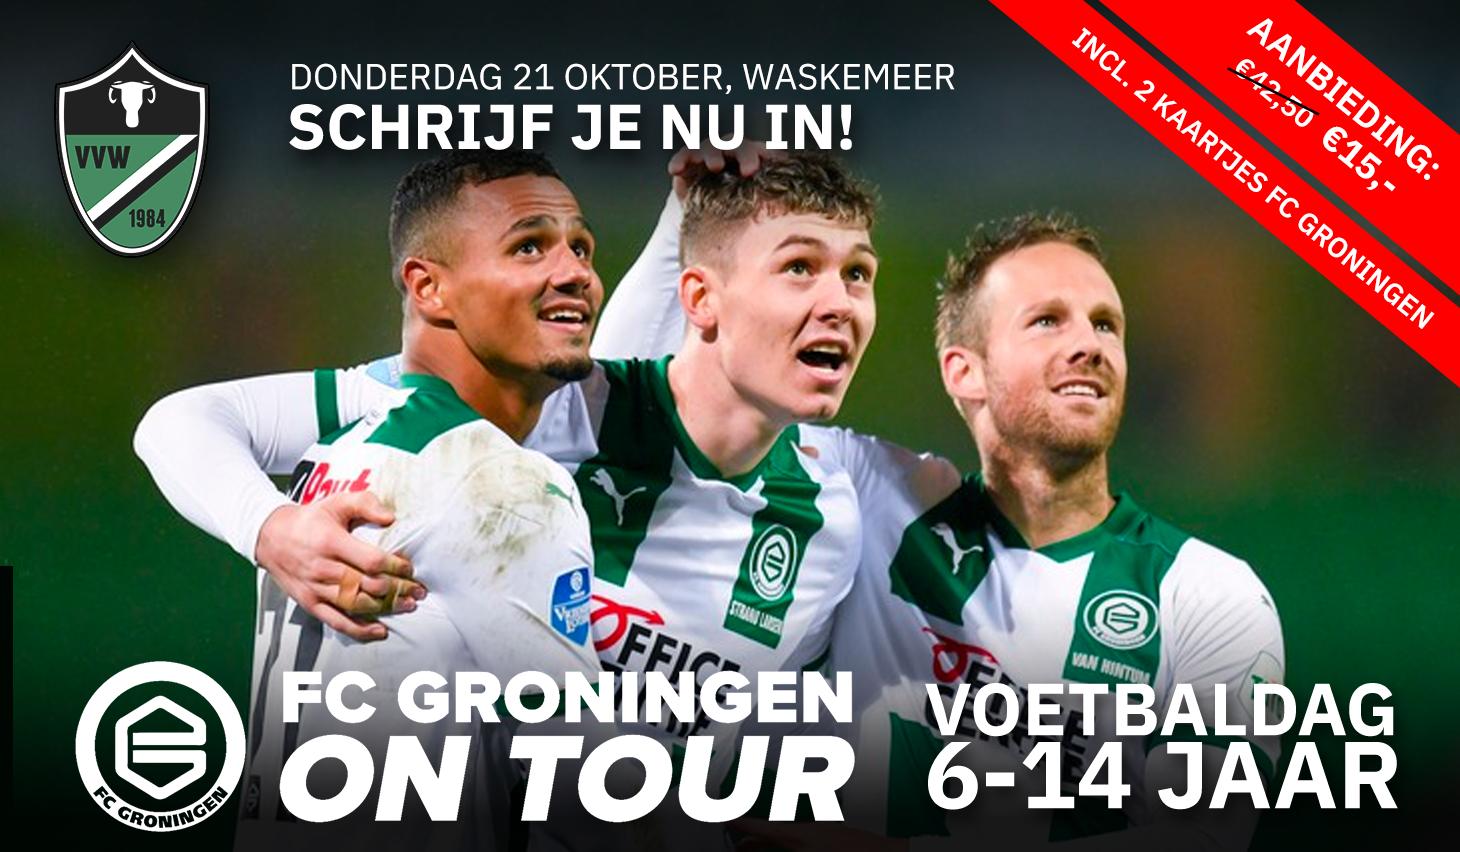 Groningen on Tour komt naar Waskemeer!